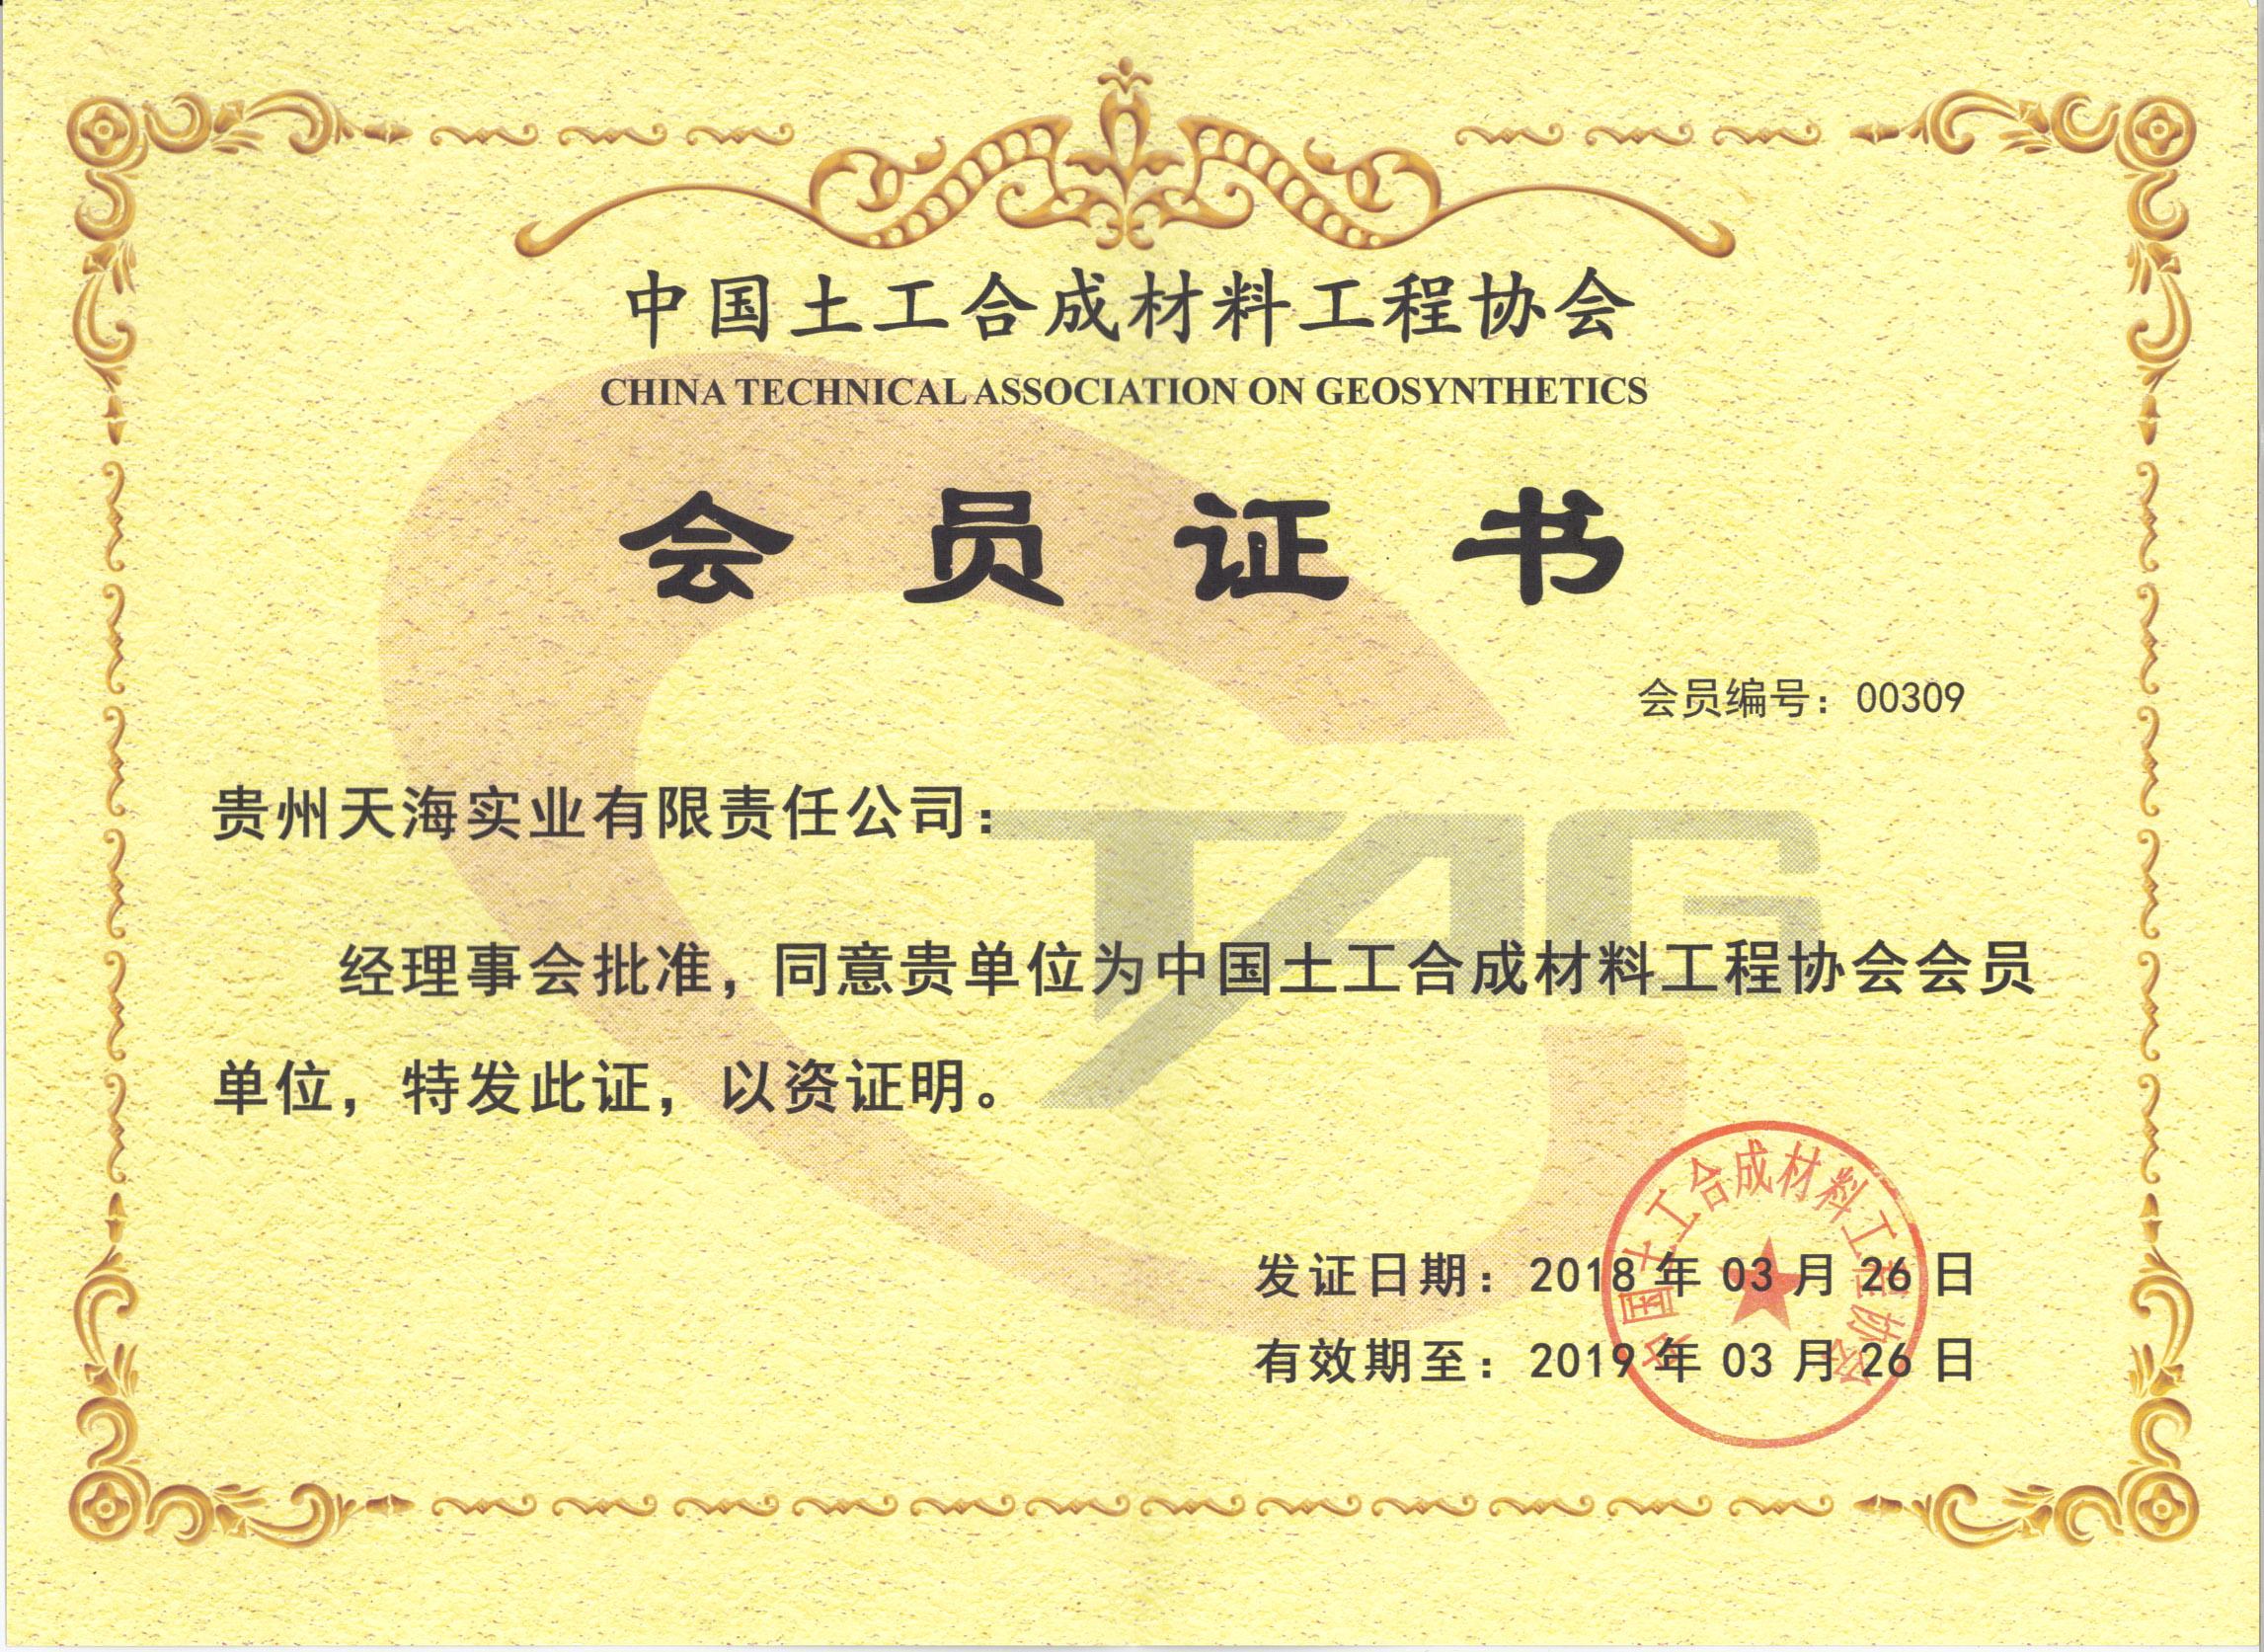 【天海】土工合成材料工程协会会员